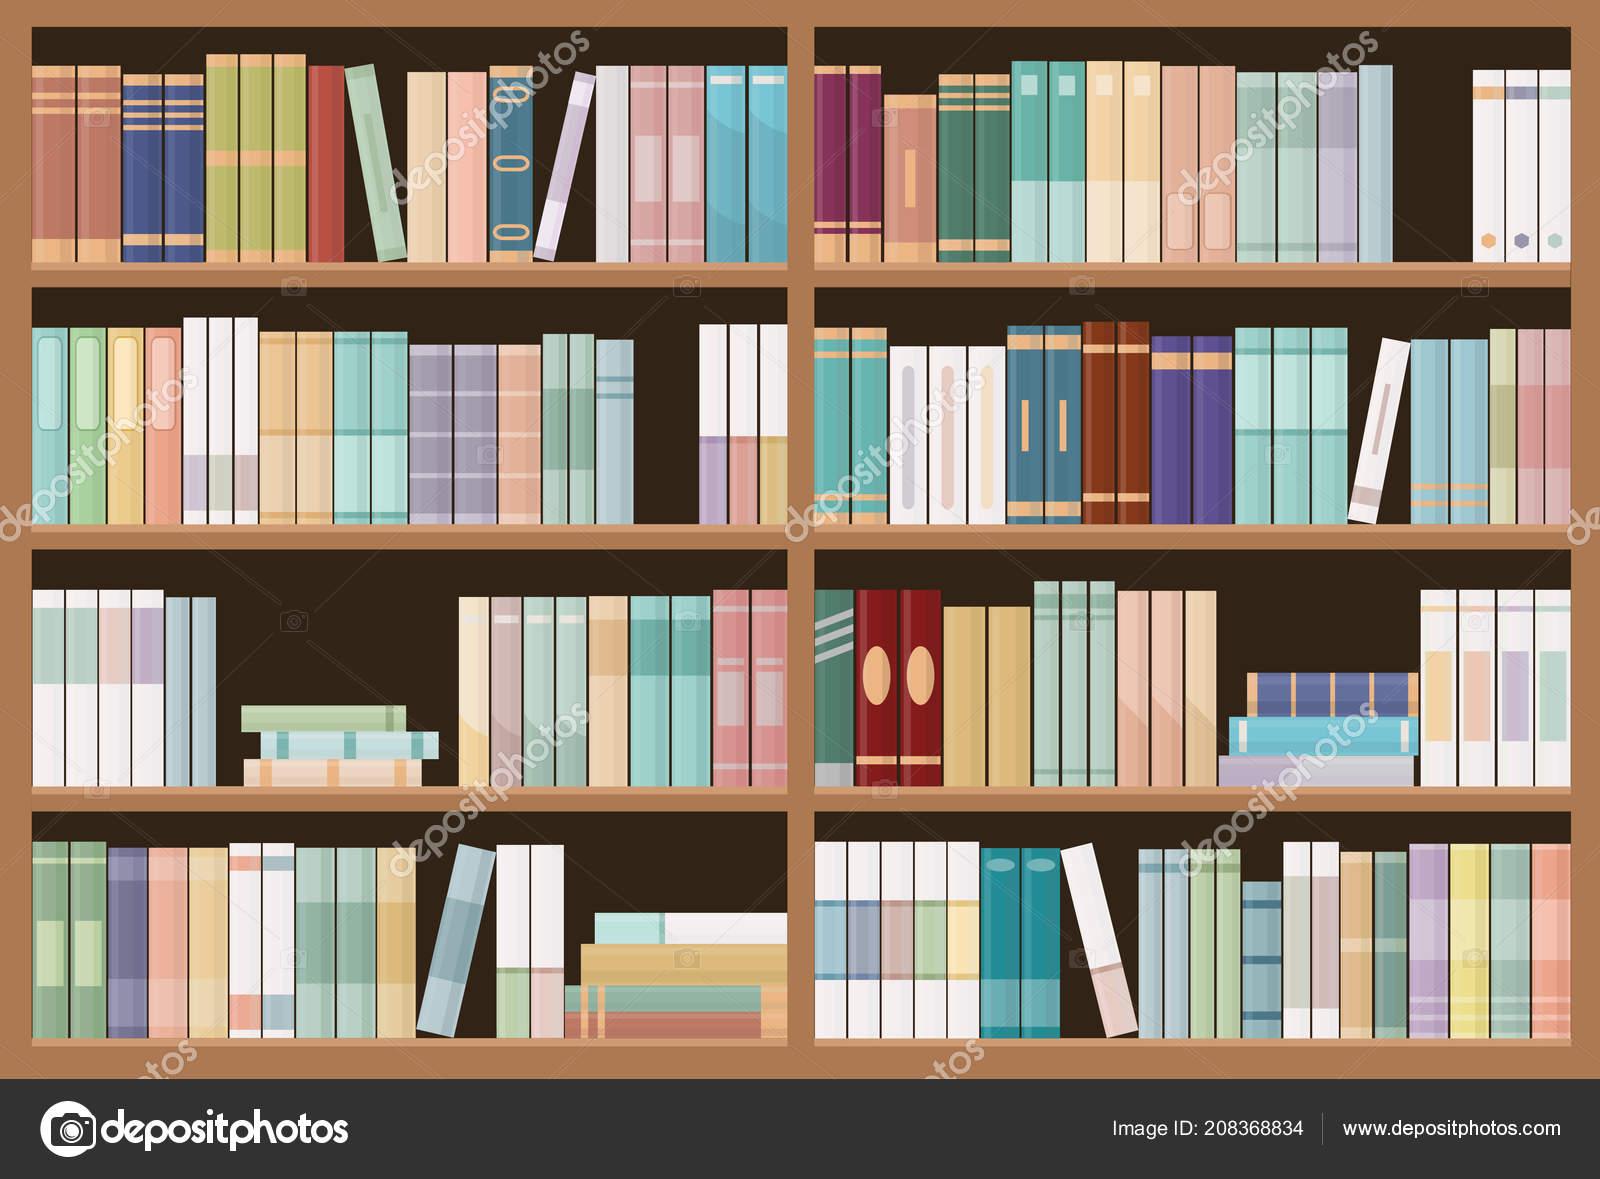 Bookshelves Full Books Education Library Bookstore Concept Seamless